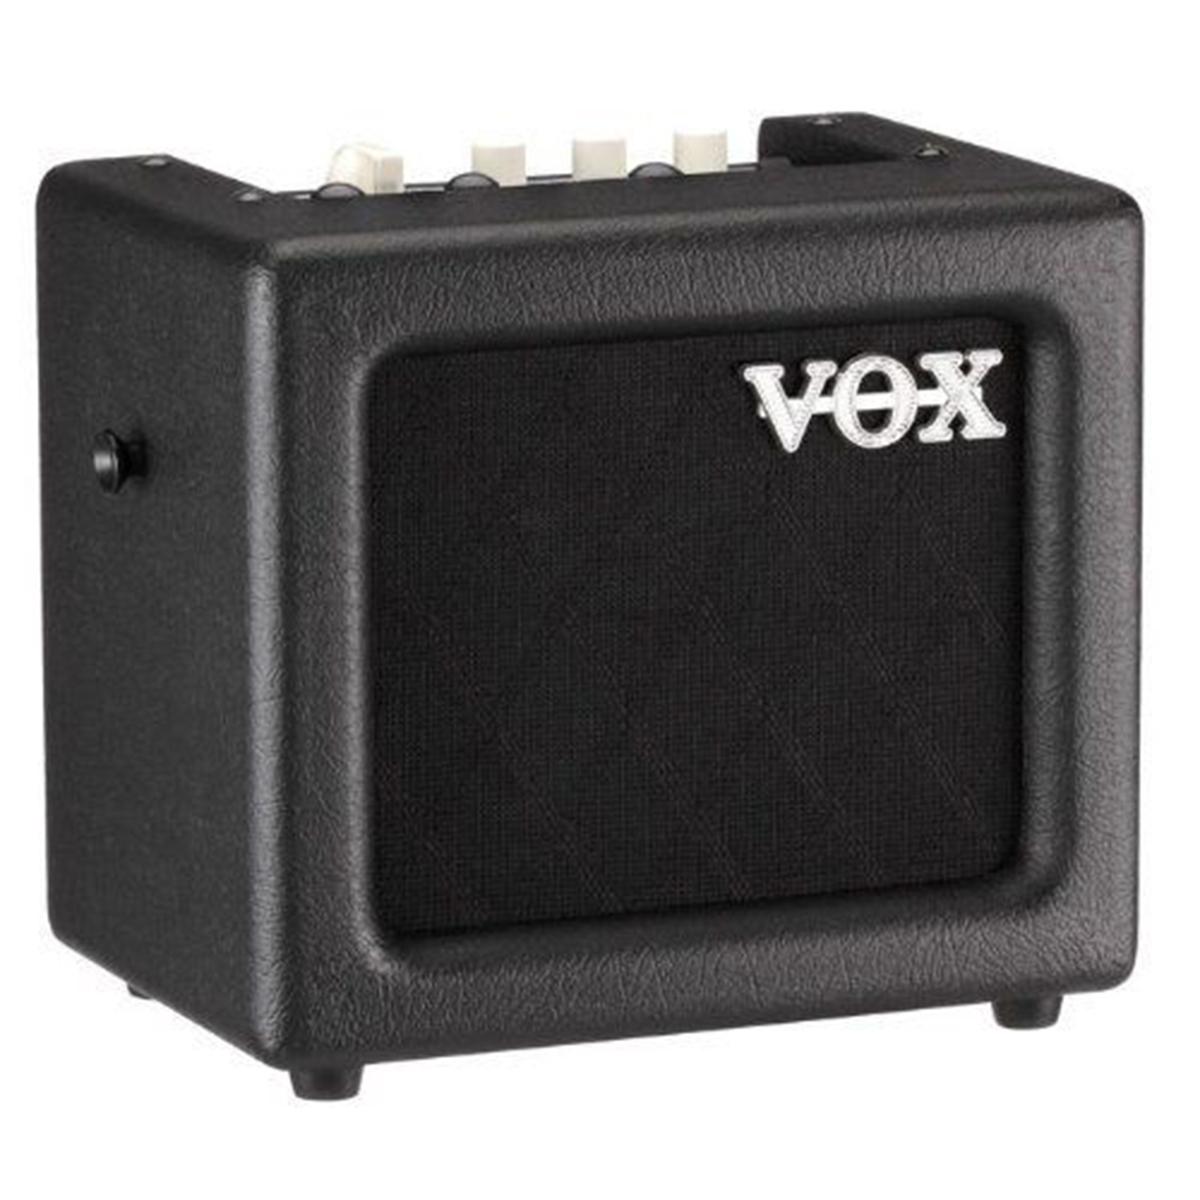 Vox -  Ampli combo noir - MINI3-G2 Noir